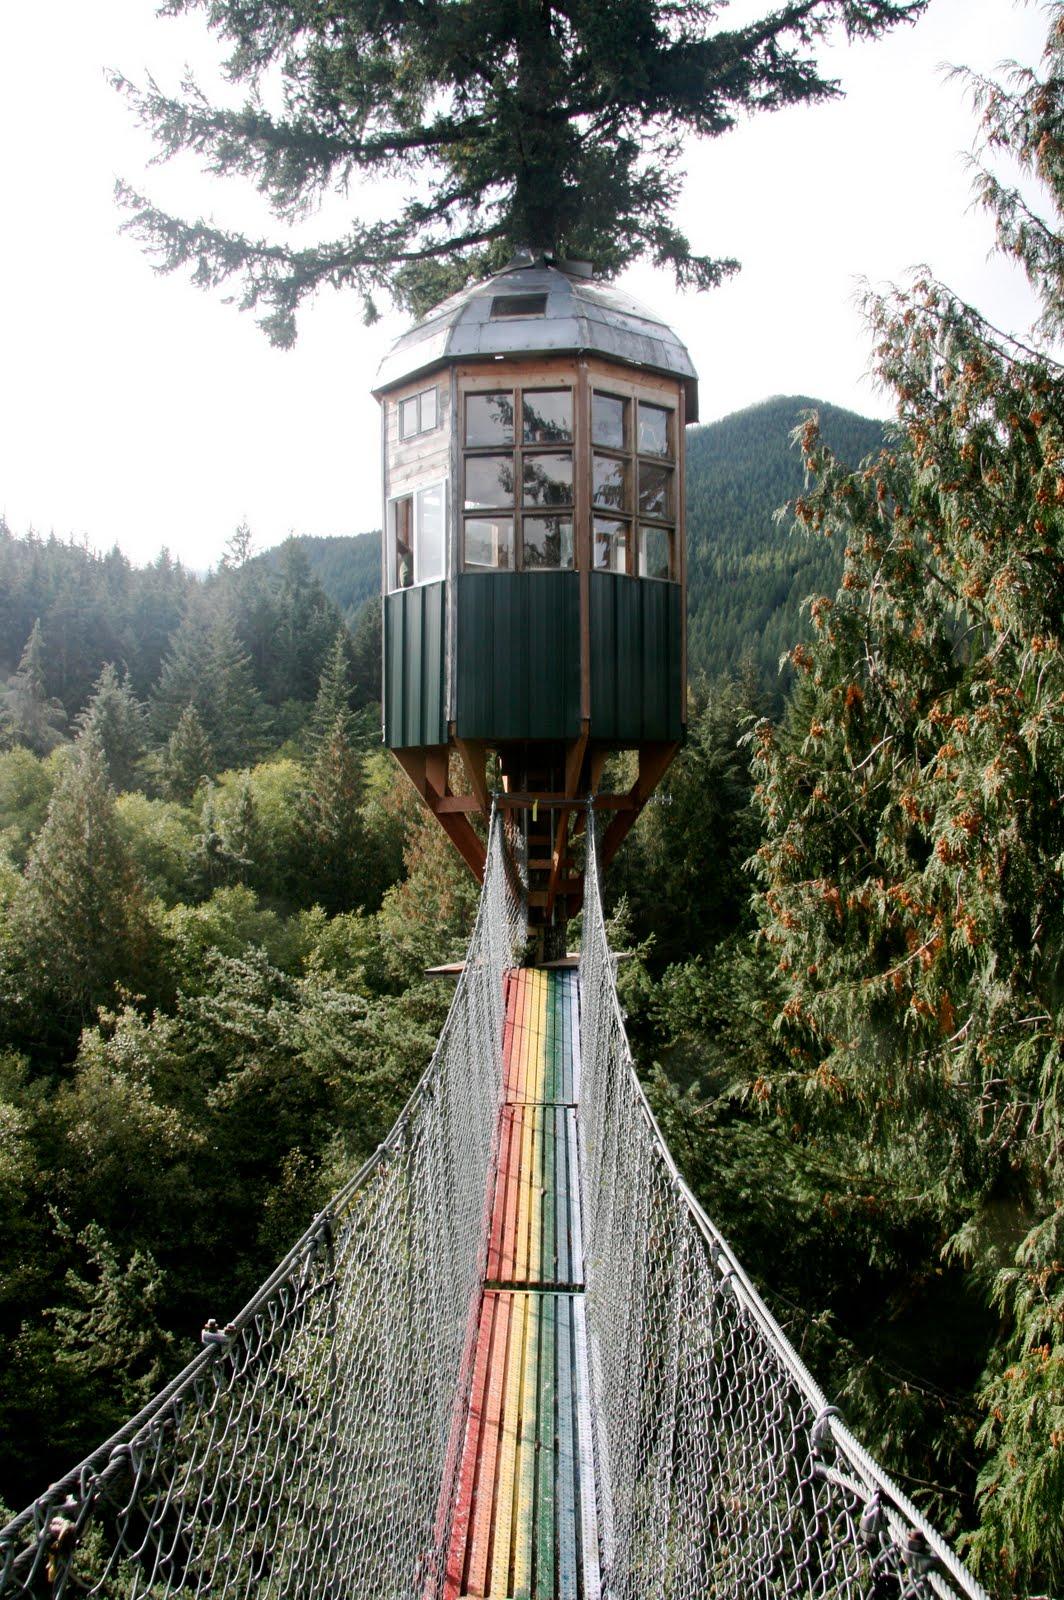 France Is Hexagonal Cedar Creek Treehouse Part Ii